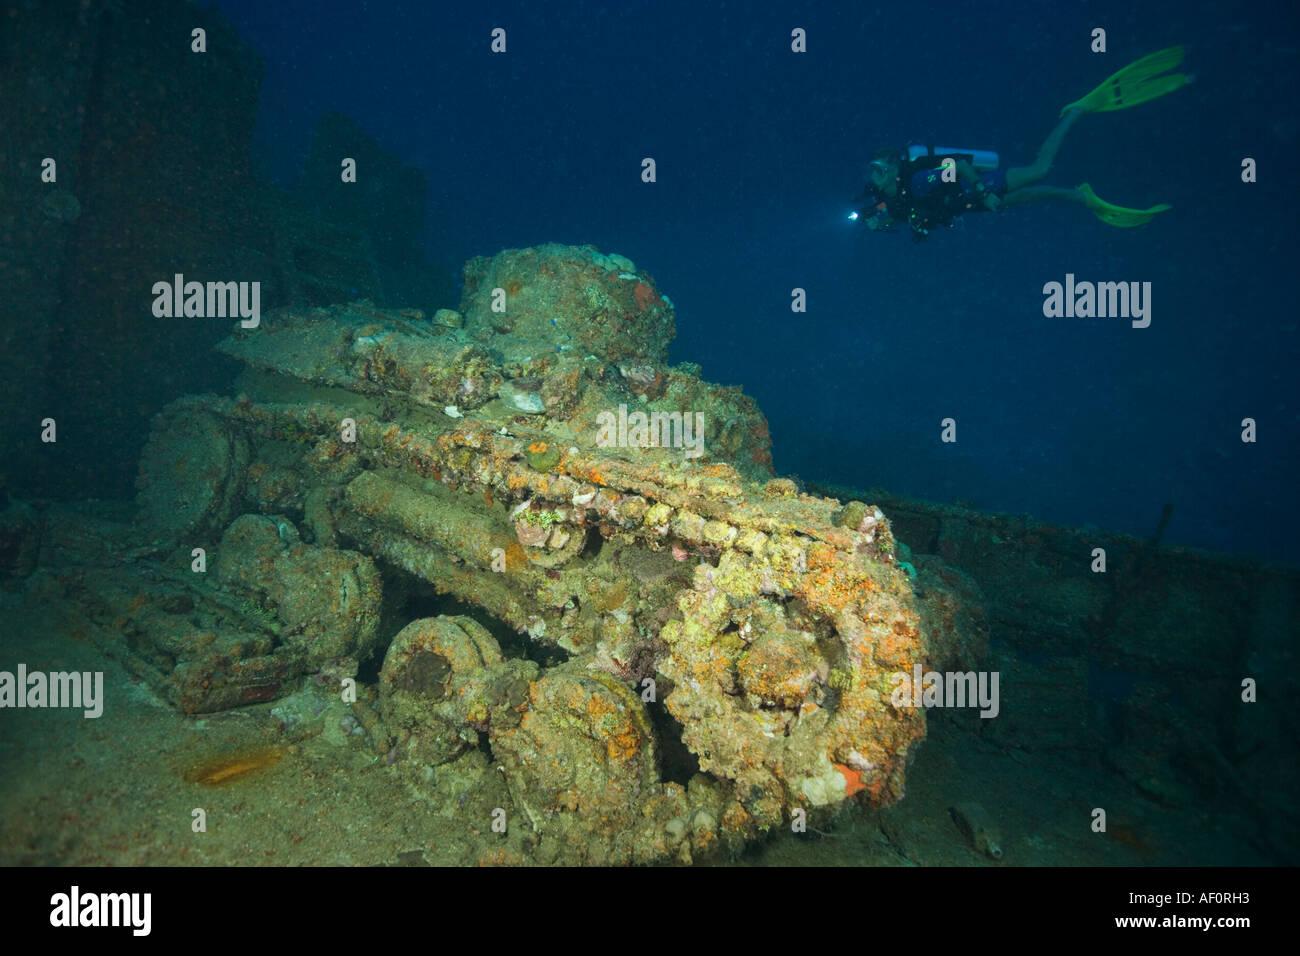 Tank on main deck of sunken ship nippo maru truk lagoon chuuk federated states of micronesia